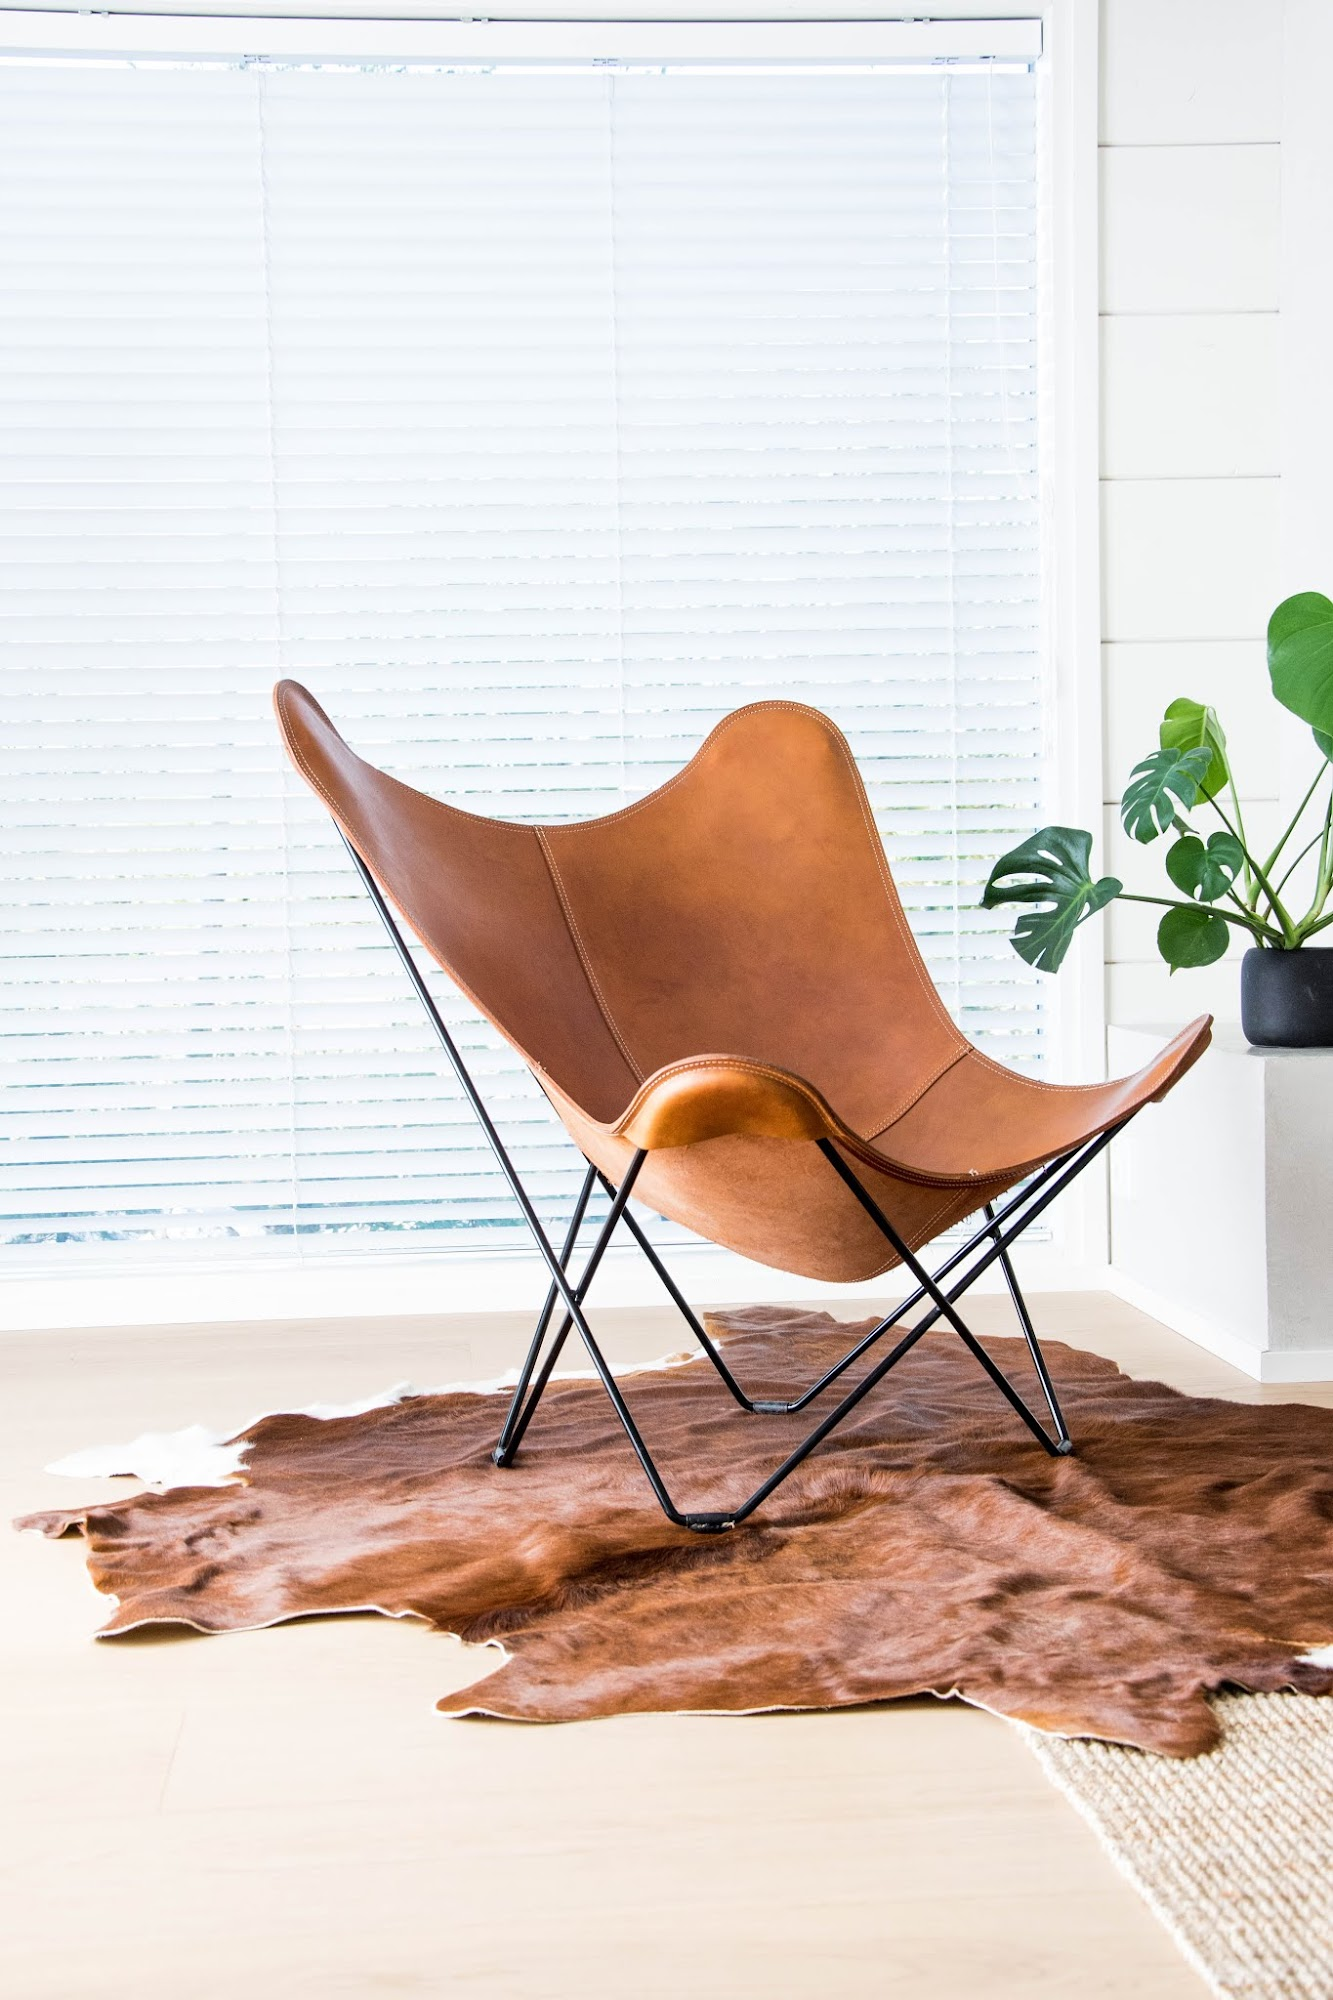 talo markki - lehmäntalja olohuoneessa - ruskea lehmäntalja - nahkainen lepakkotuoli - moderni hirsitalo - suomalaiset sisustusblogit